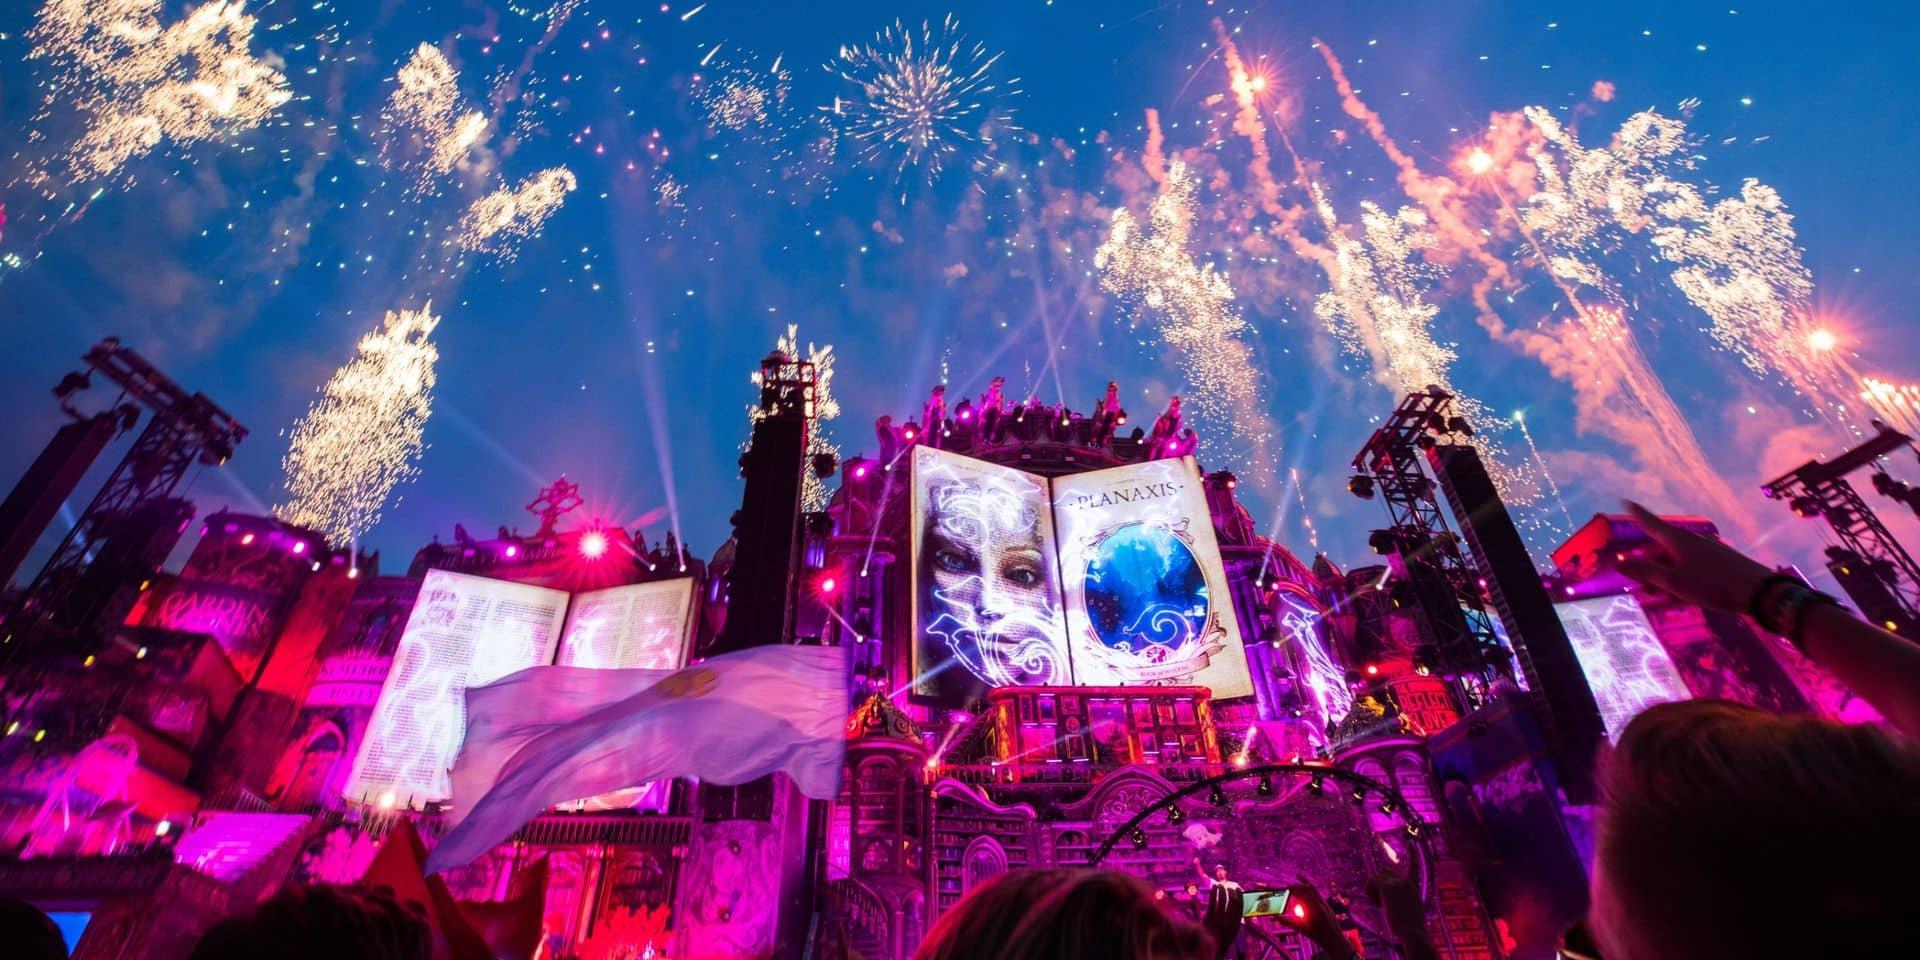 L'affiche de Tomorrowland presque complète avec Marshmello, Steve Aoki et Martin Garrix